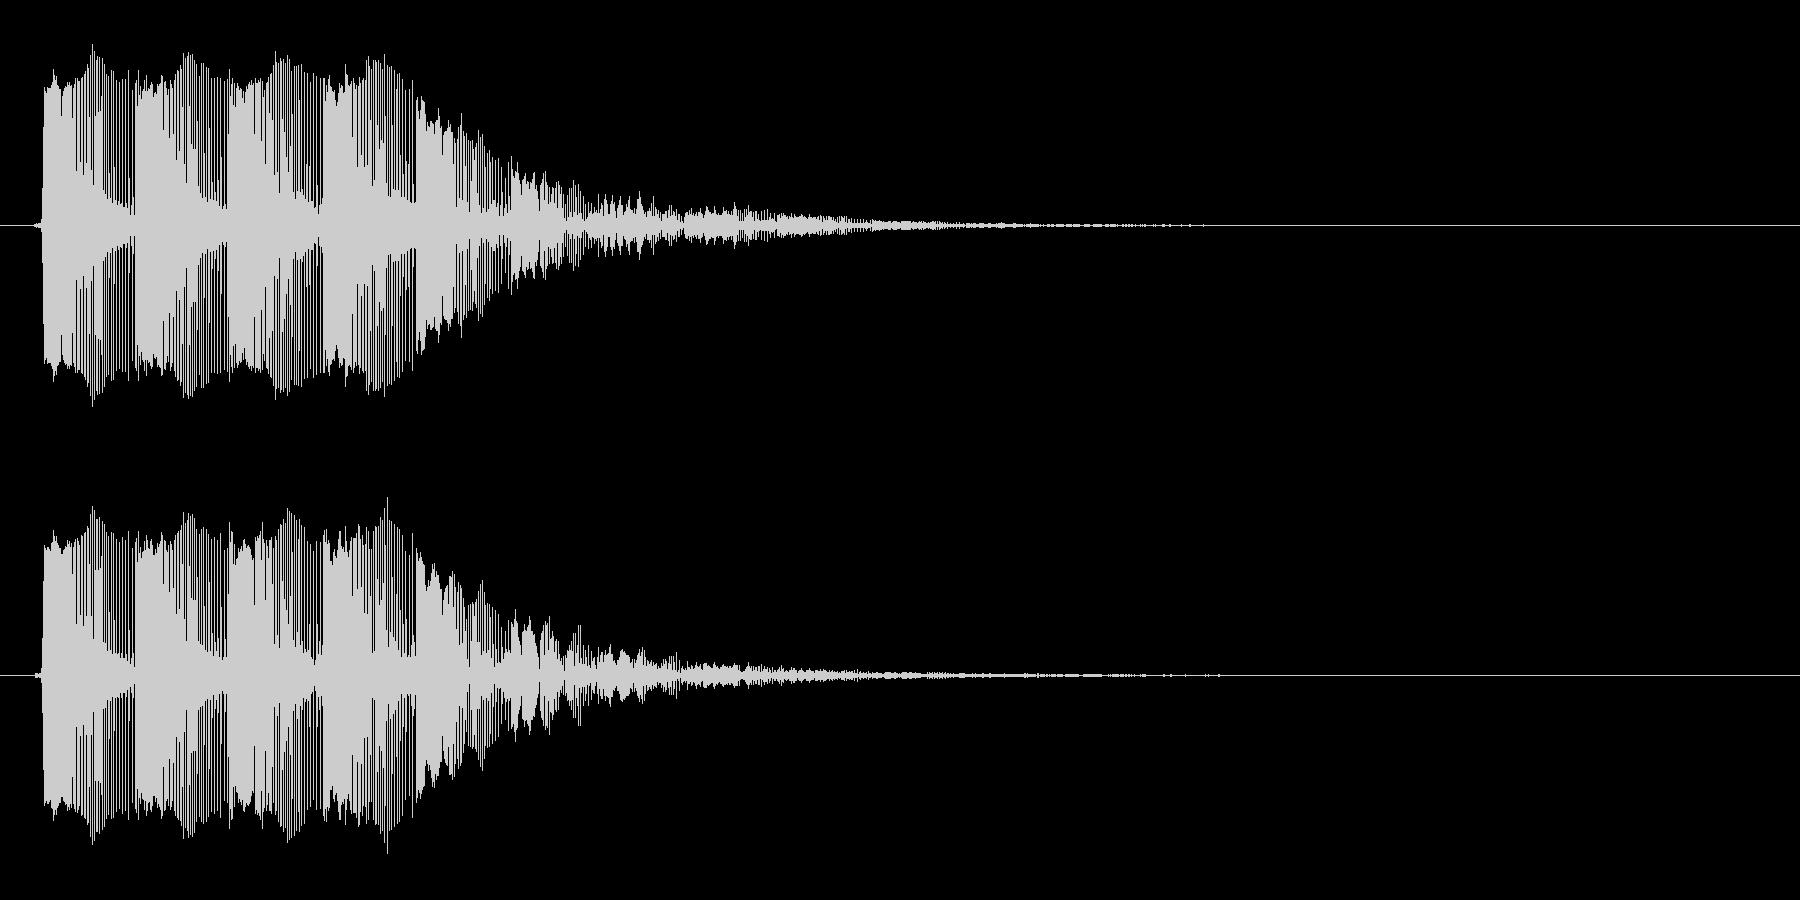 レーザー音 ビビビビーンの未再生の波形